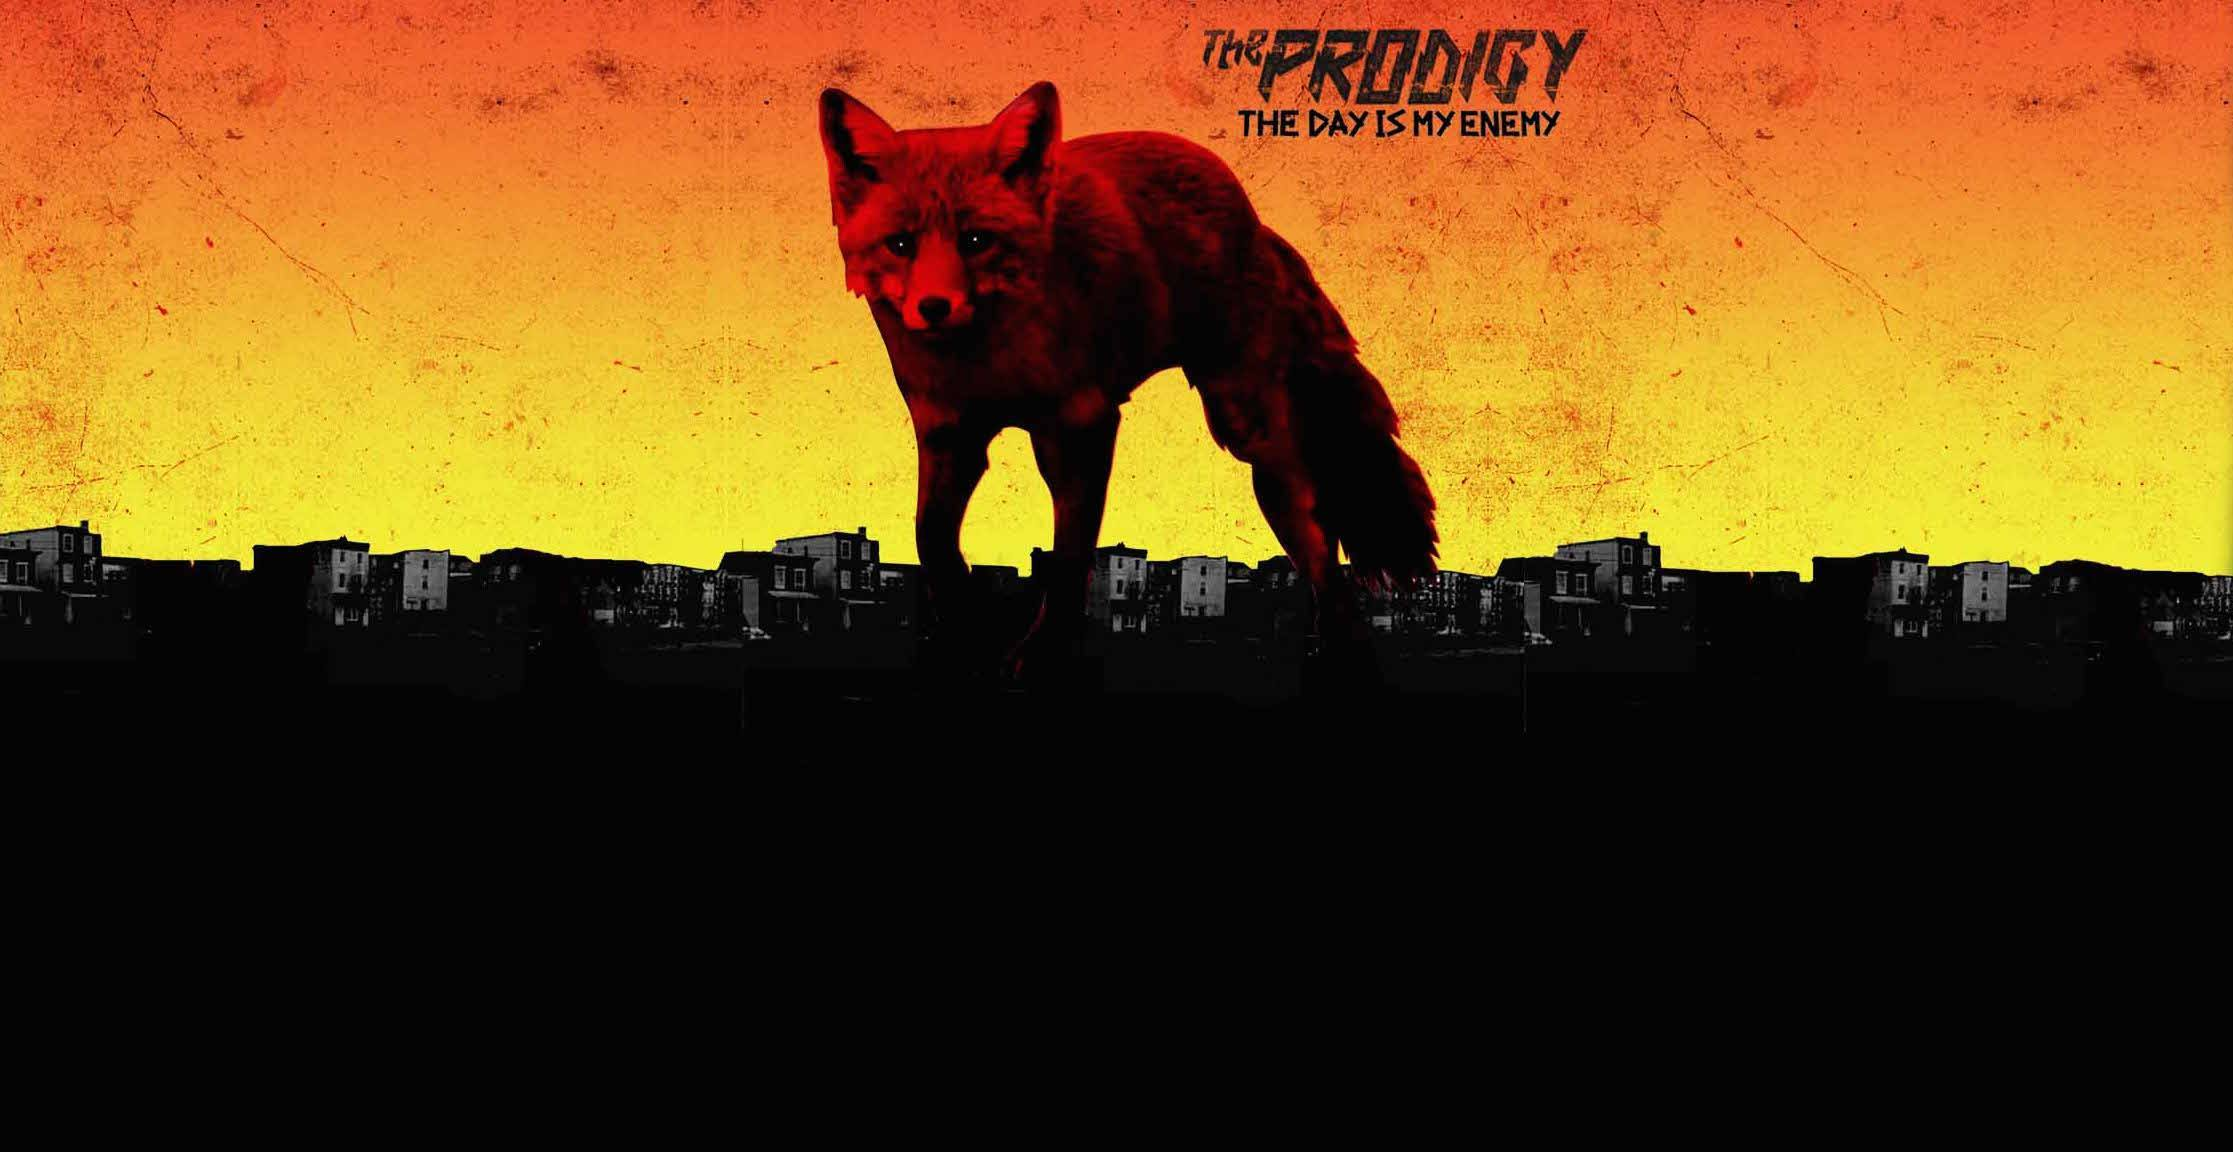 """The Prodigy – """"The Day Is My Enemy"""" już w Spotify. Brytyjska grupa nie porywa już tak, jak kiedyś"""